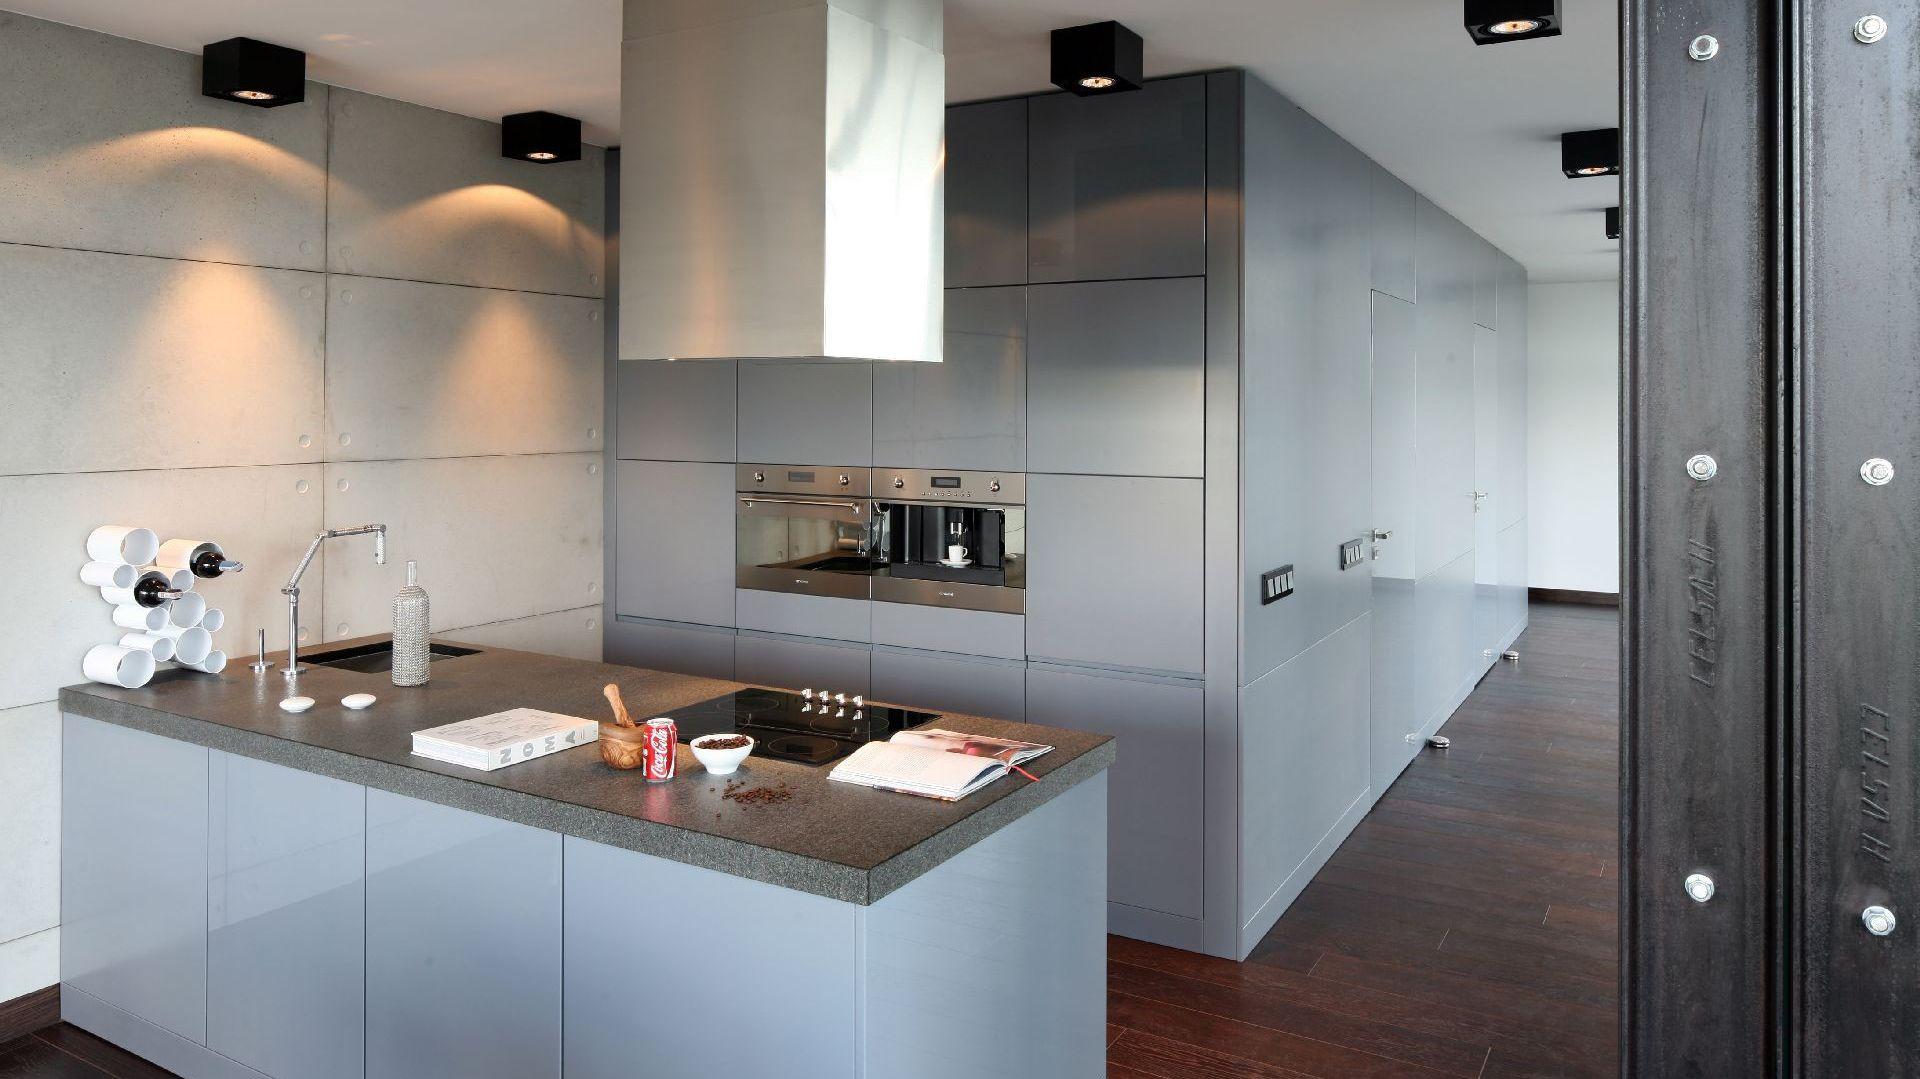 Zabudowa kuchenna oraz lodówka zostały umiejscowione we wstawionym we wnętrzu kubiku. Projekt: Justyna Smolec. Fot. Bartosz Jarosz